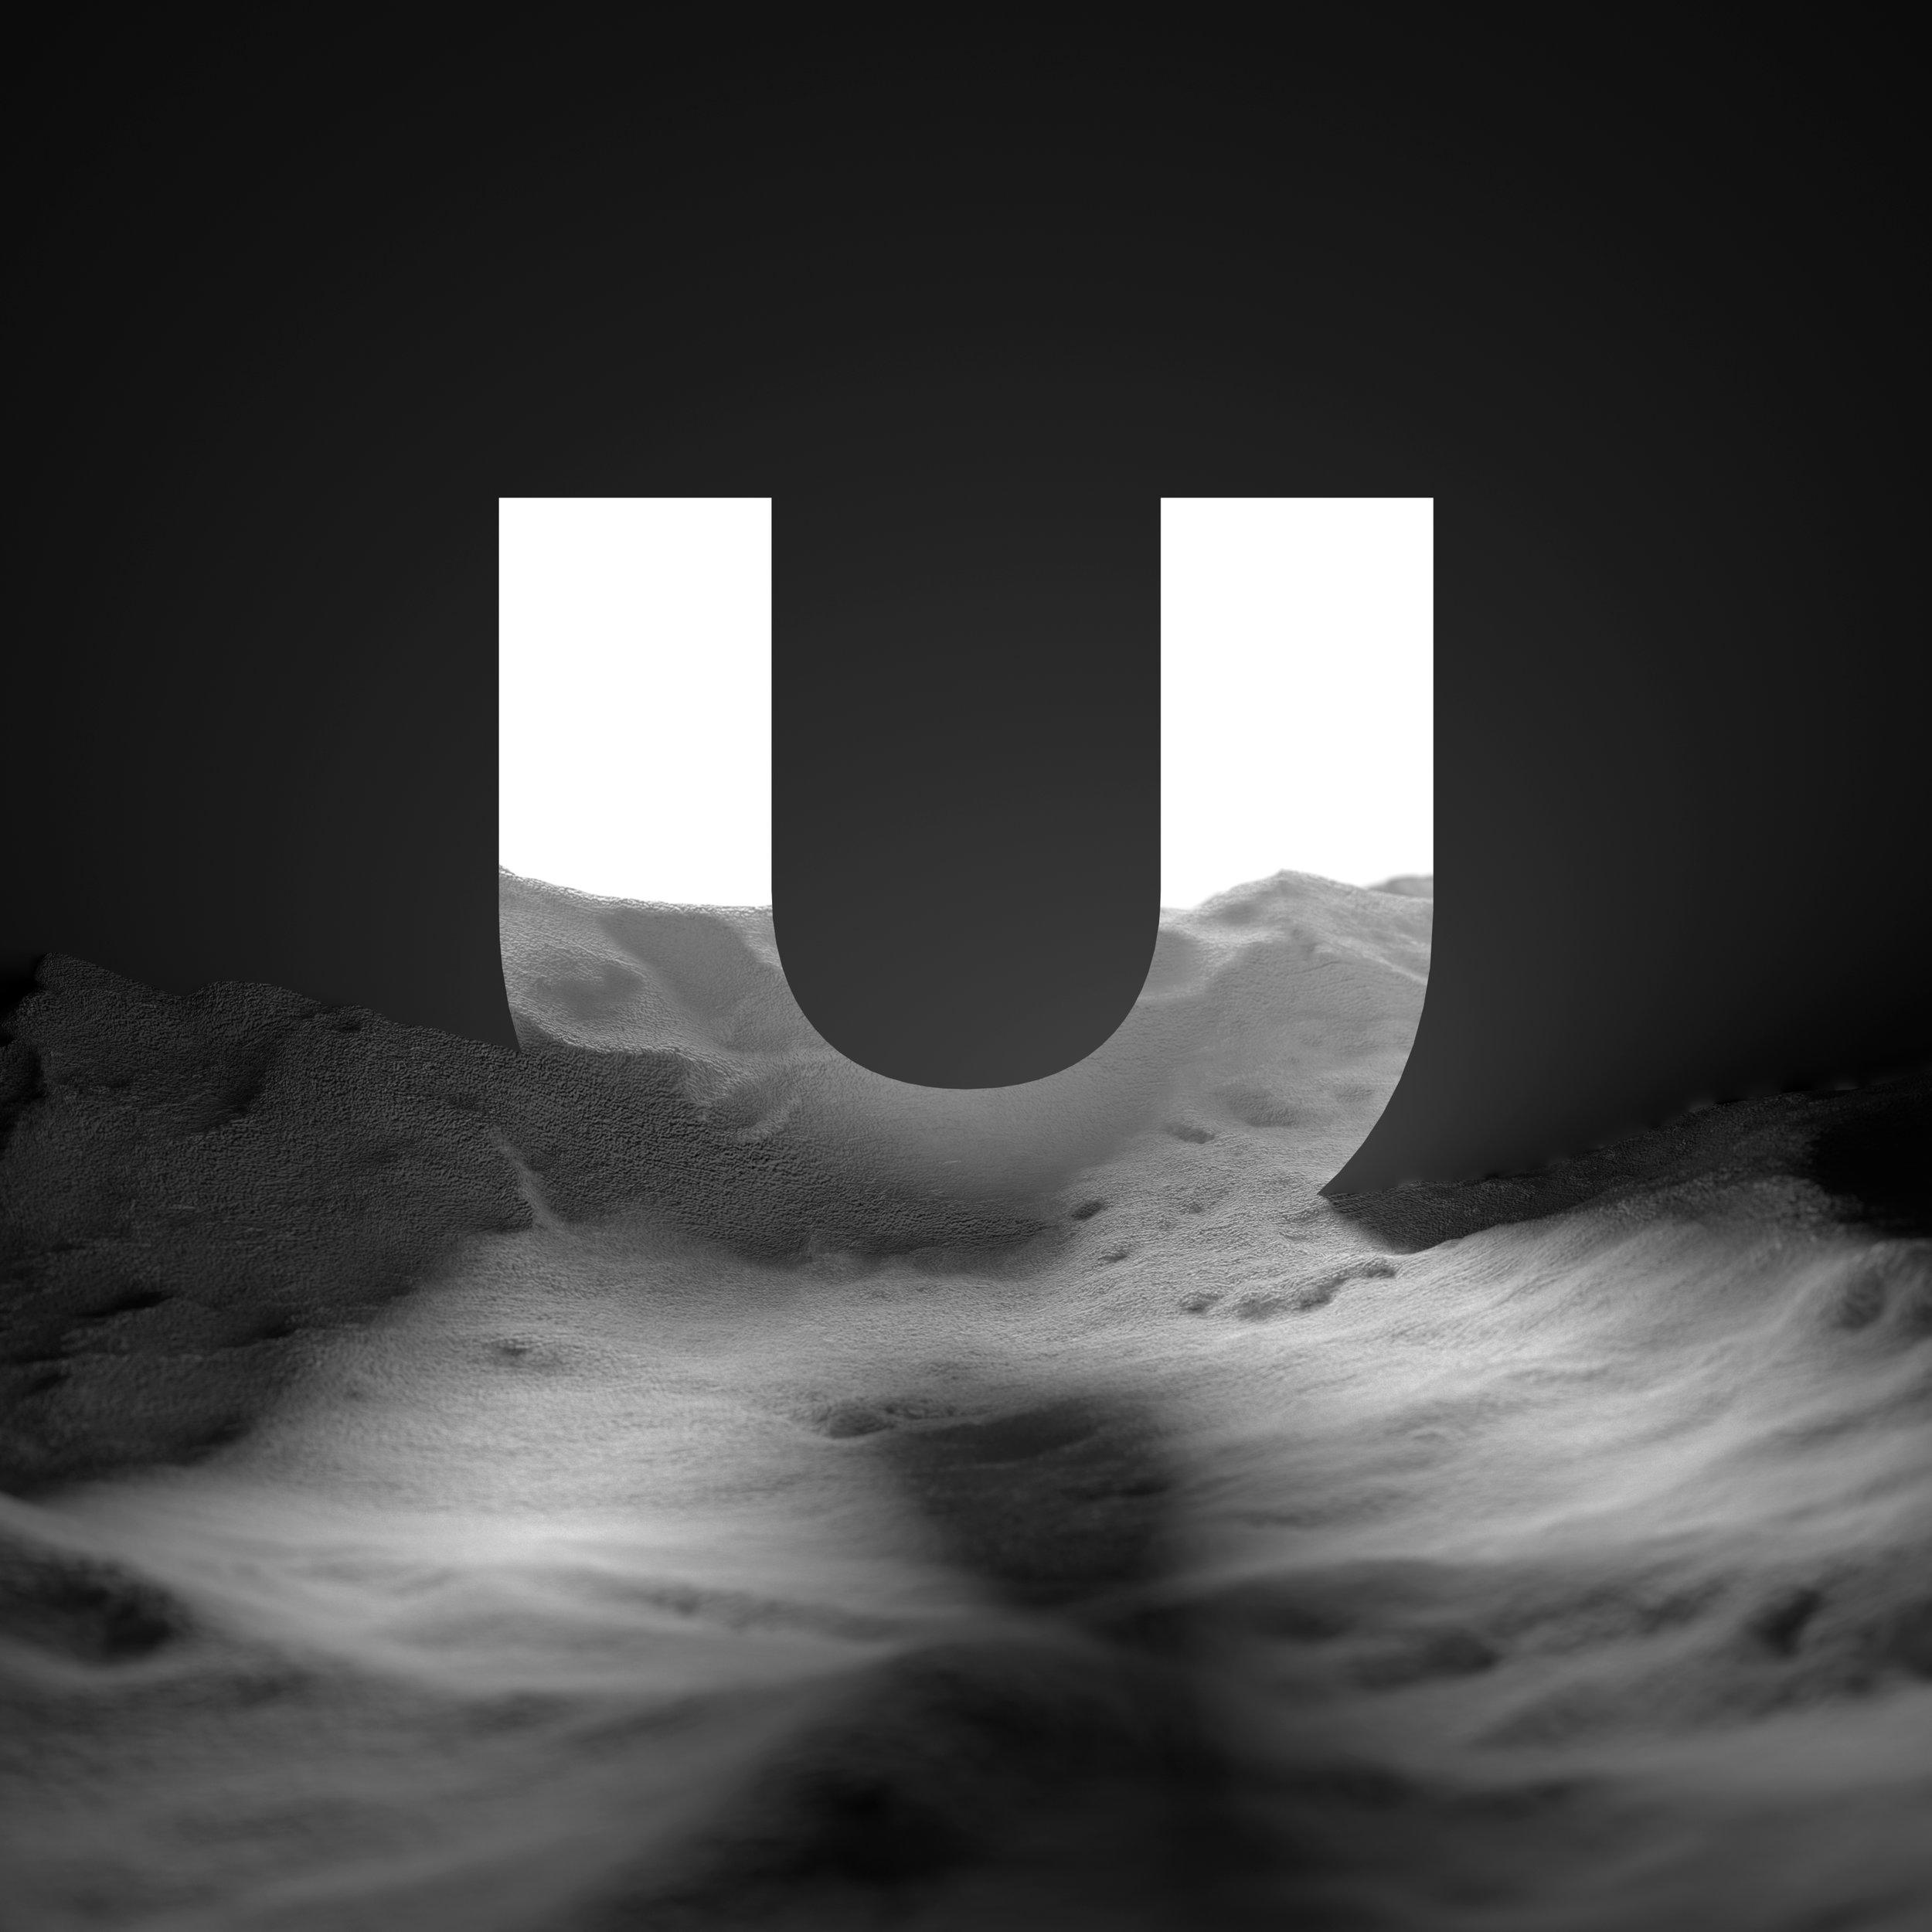 LUKE_Letters_Stg01A_U.jpg